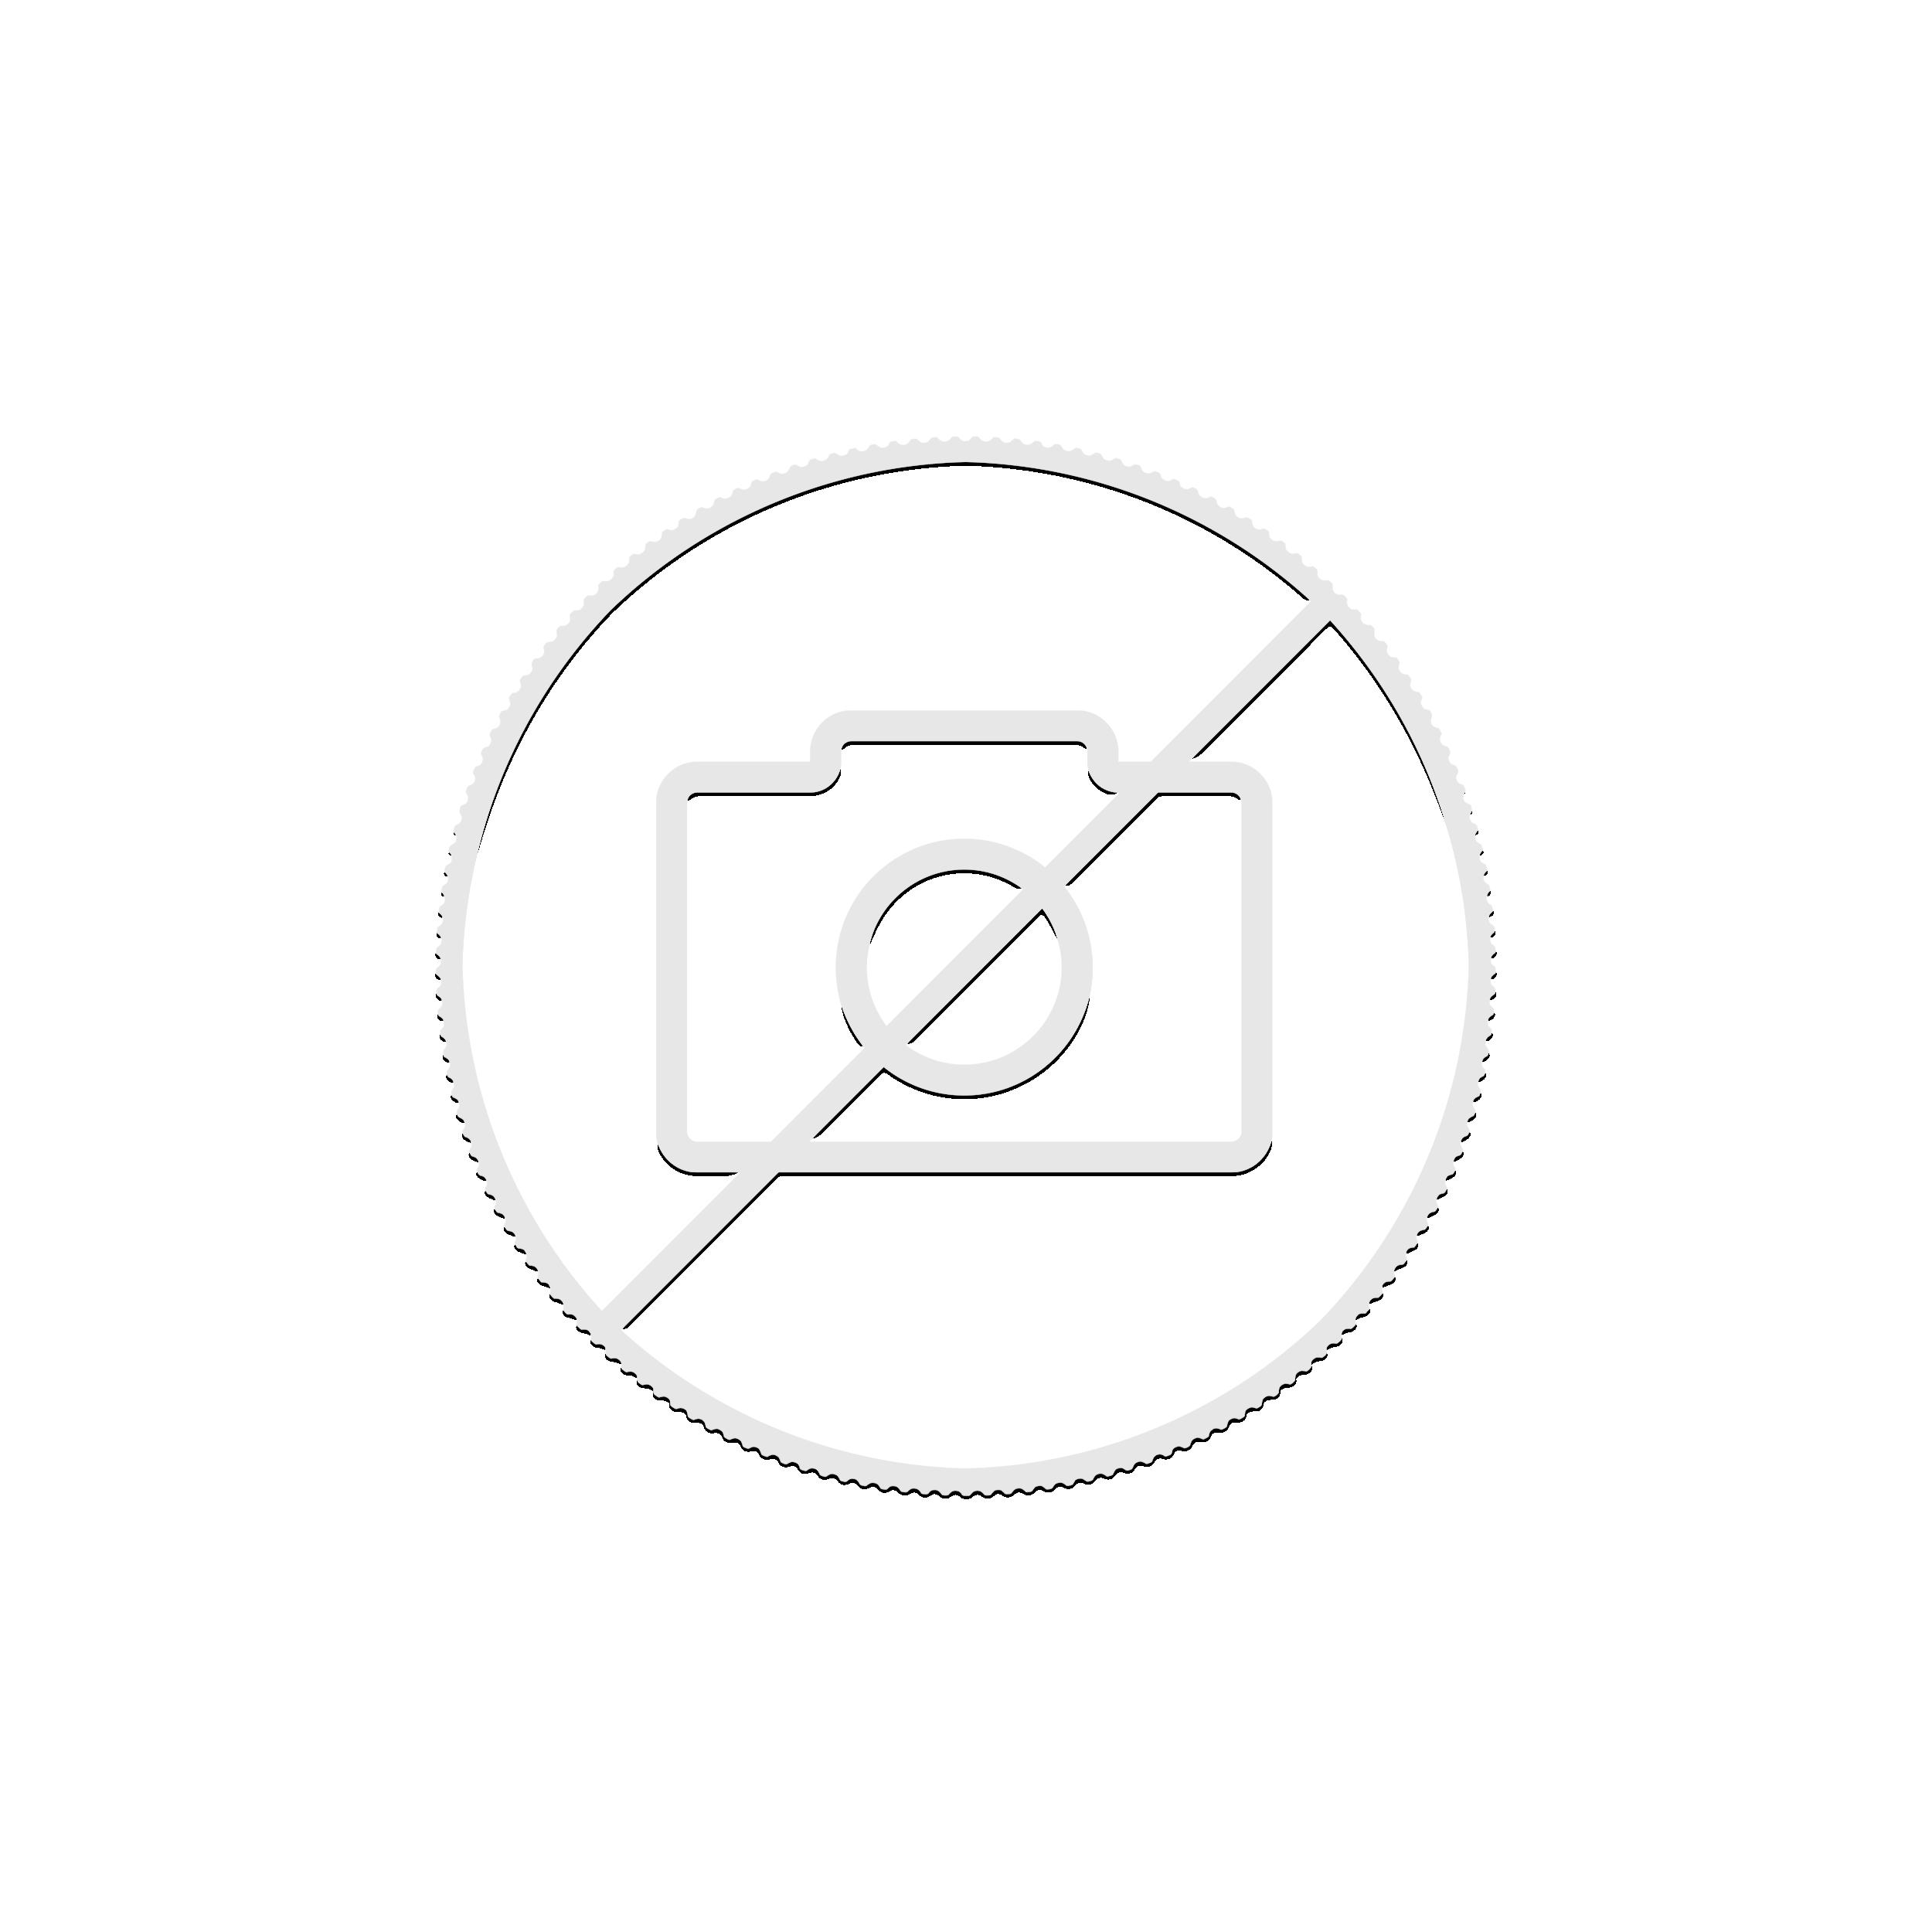 Gouden 99,999% Maple Leaf munt 2008 blister